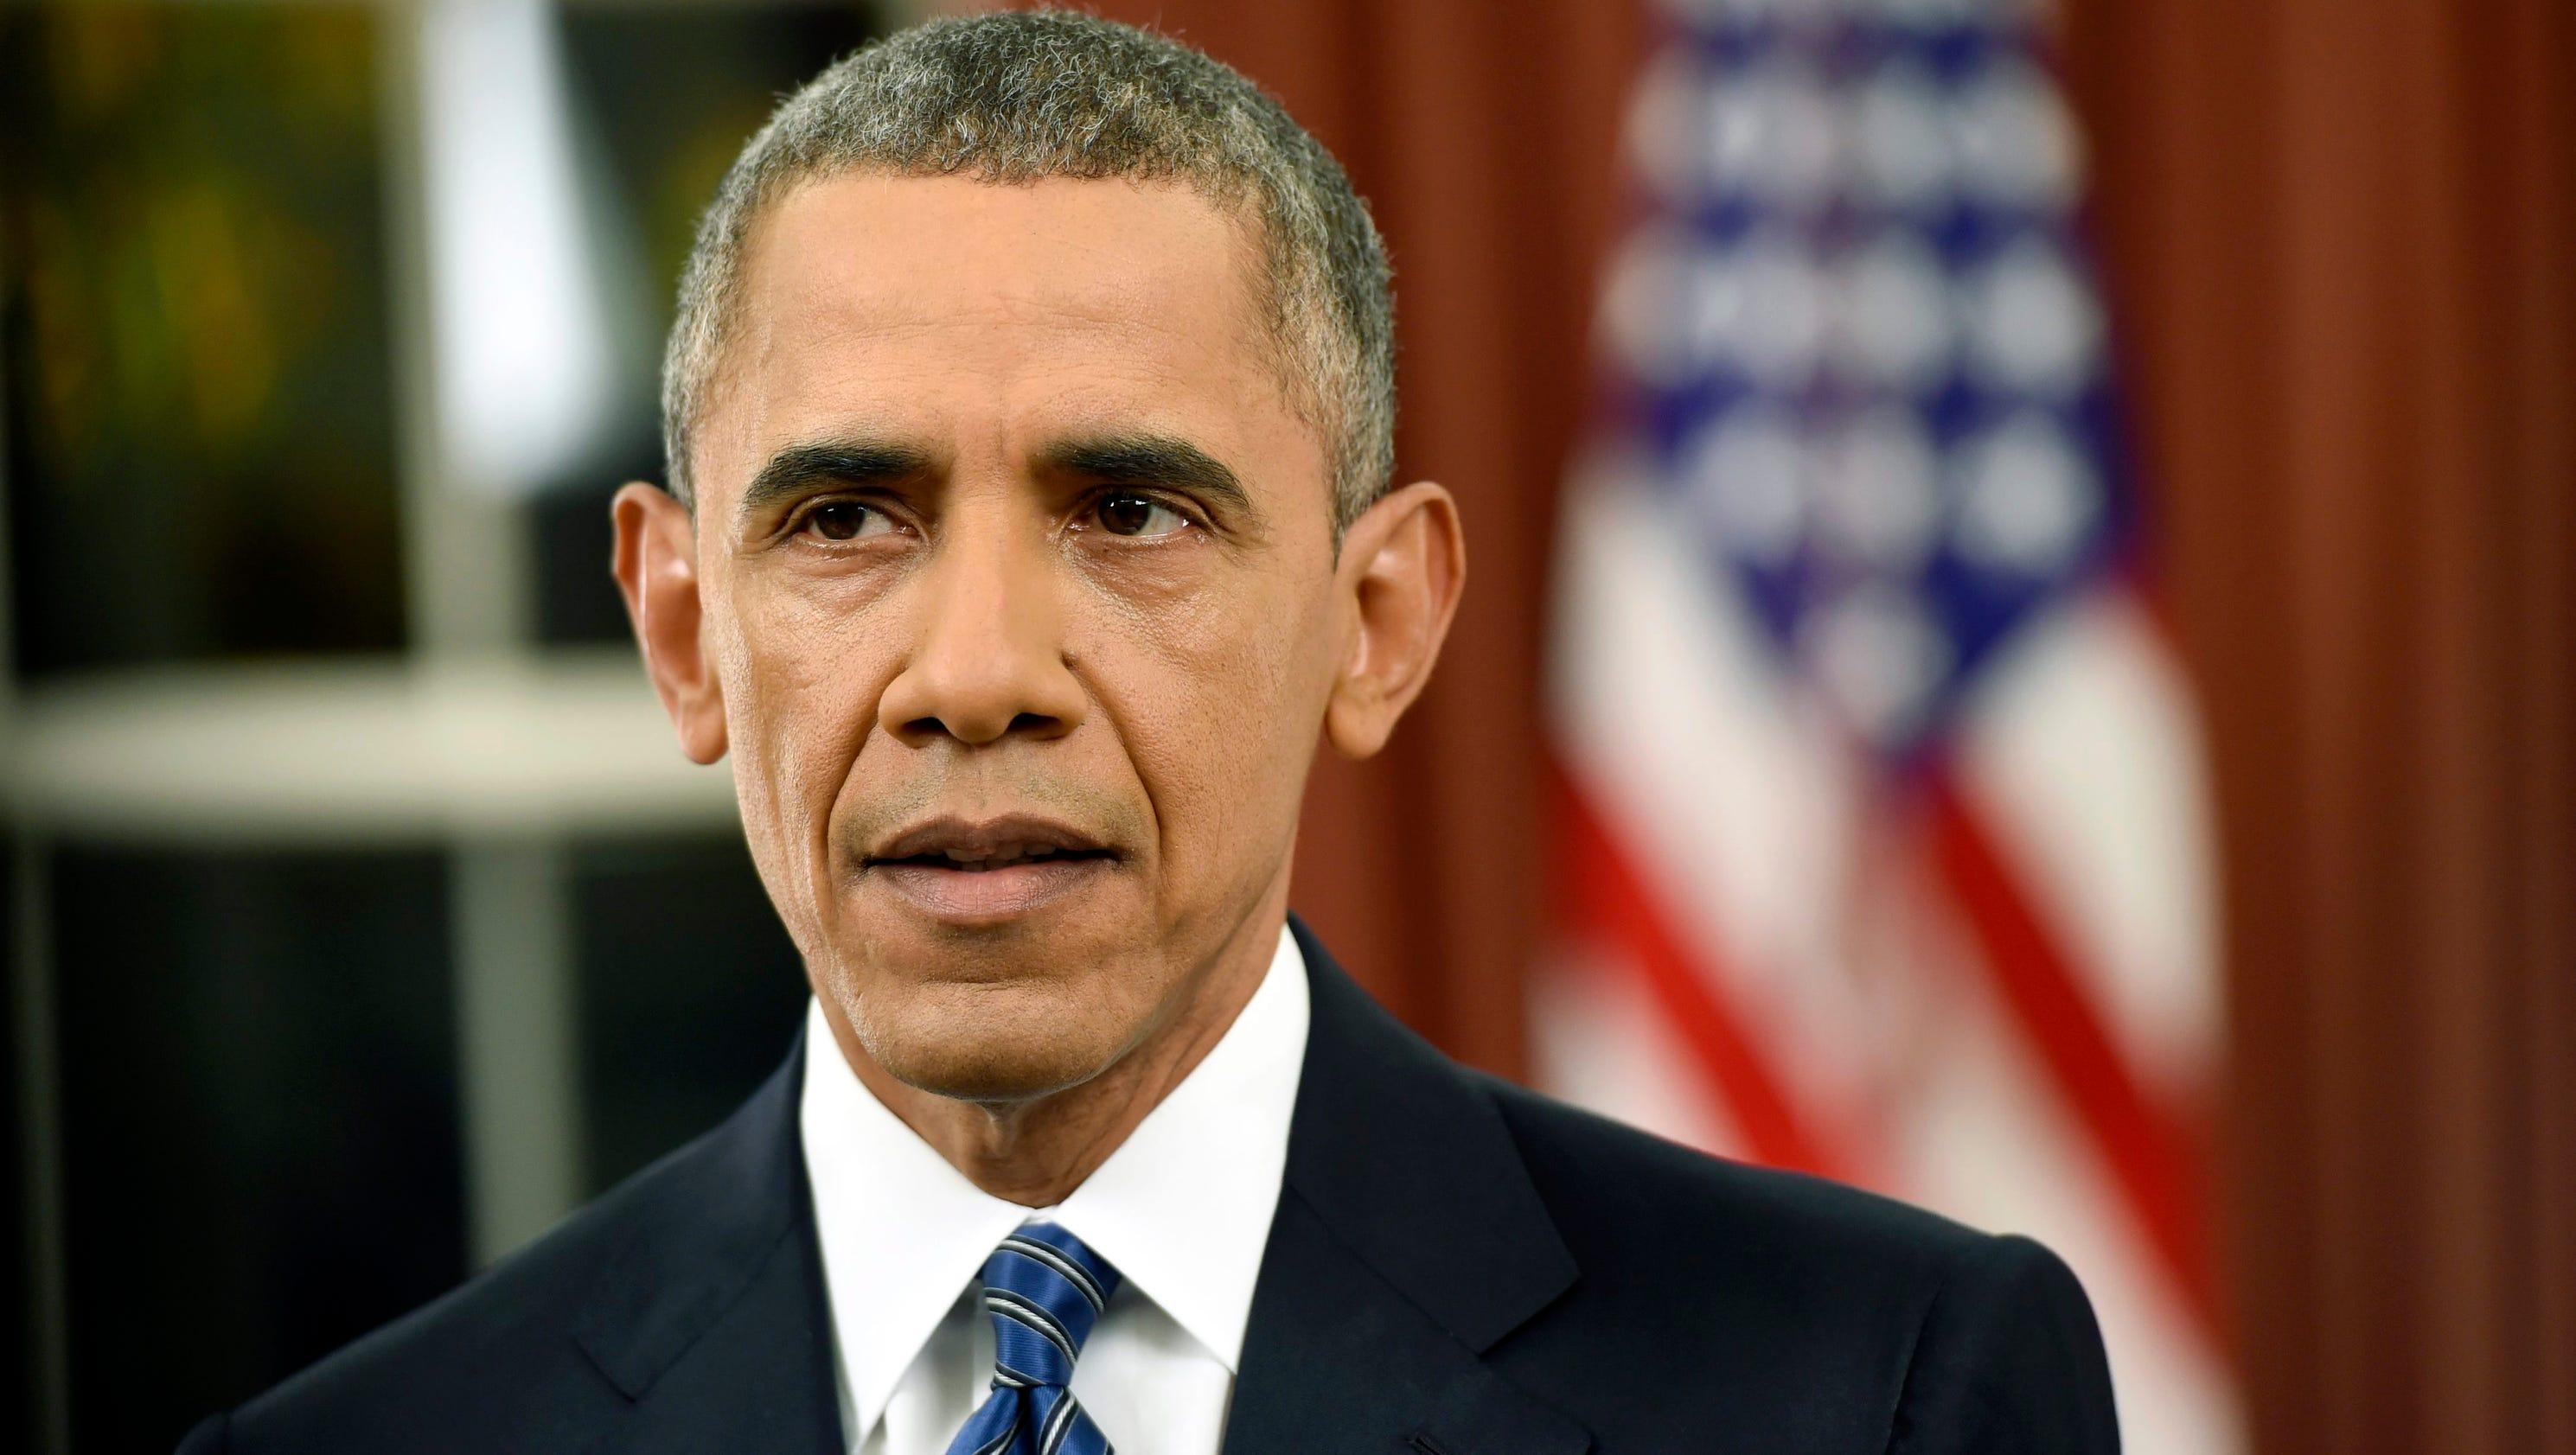 Օբաման գնահատել է Էրդողանի քայլերը Մոսկվայի հետ հարաբերությունները կարգավորելու հարցում